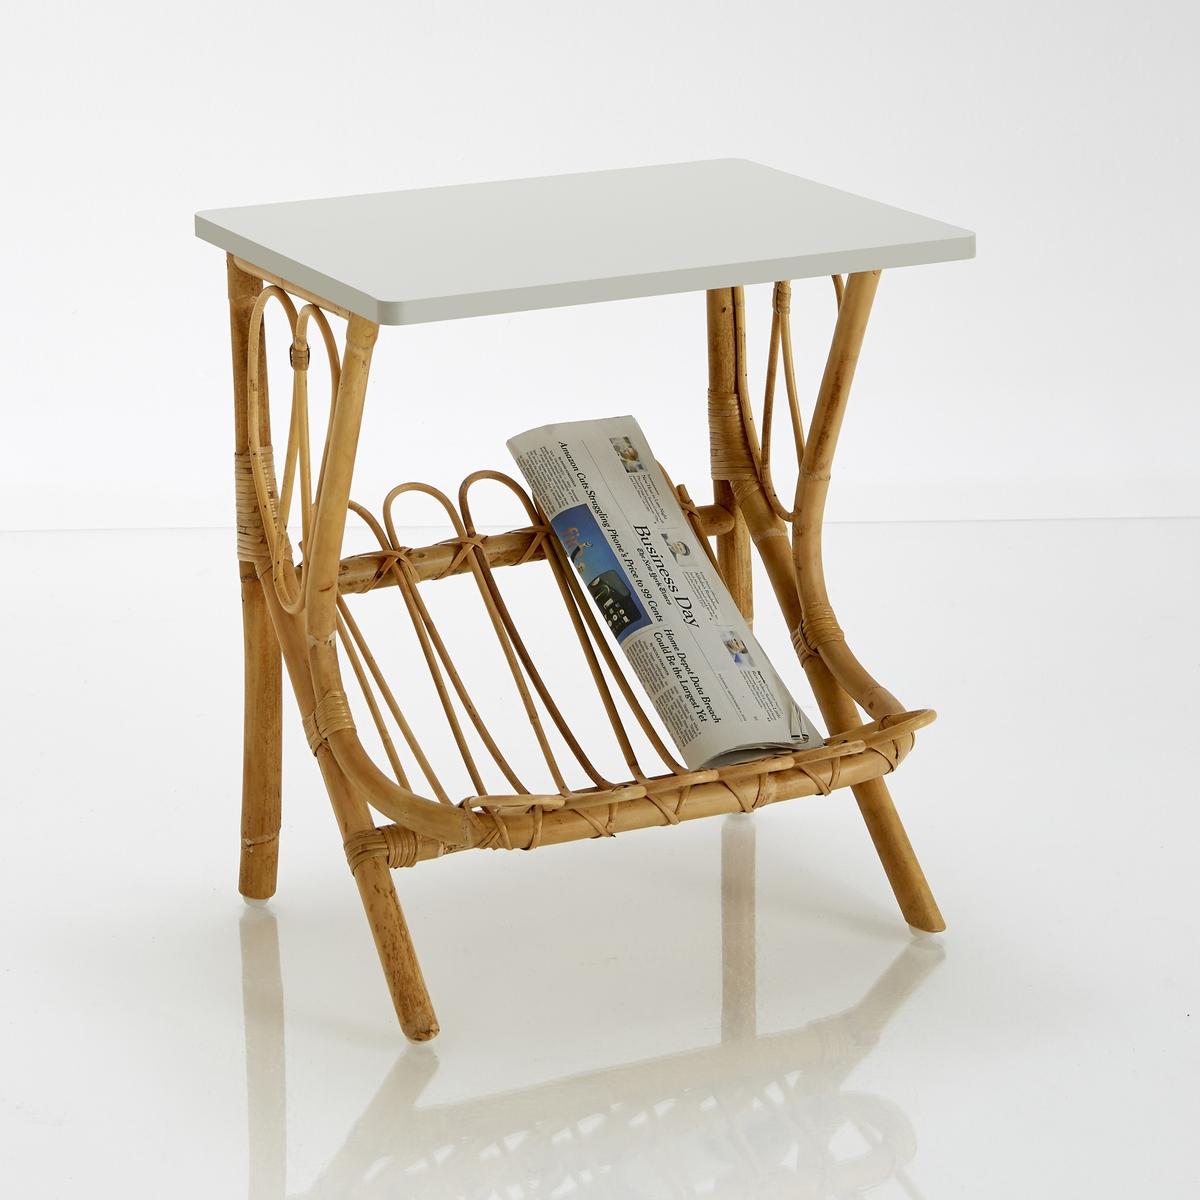 Ночной столик из ротанга, KokНочной столик из ротанга, Kok : качество, прочность и долговечность - вот преимущества этого ночного столика из натурального ротанга с лакированной столешницей : этот ночной столик может также использоваться с диваном благодаря отделению для журналов и декоративному дизайну в стиле ретро !Характеристики ночного столика Kok :Каркас из натурального ротангаСтолешница из МДФ, покрытого акриловым лаком.Пластиковые вставки под ножкамиПроизведено вручнуюОткройте для себя всю коллекцию мебели из натурального ротанга на сайте laredoute.ruРазмеры ночного столика Kok :Длина : 47 смВысота : 52 смГлубина : 37 смРазмеры и вес упаковки :1 упаковкаШир. 60 x Выс. 50 x Гл. 45 см4,5 кгДоставка :Ночной столик Kok продается в разобранном виде. Он доставляется на дом по предварительной заявке, даже до квартиры !Внимание ! Убедитесь, что посылку возможно доставить на дом, учитывая ее габариты.<br><br>Цвет: зеленый сине-зеленый,светло-серый